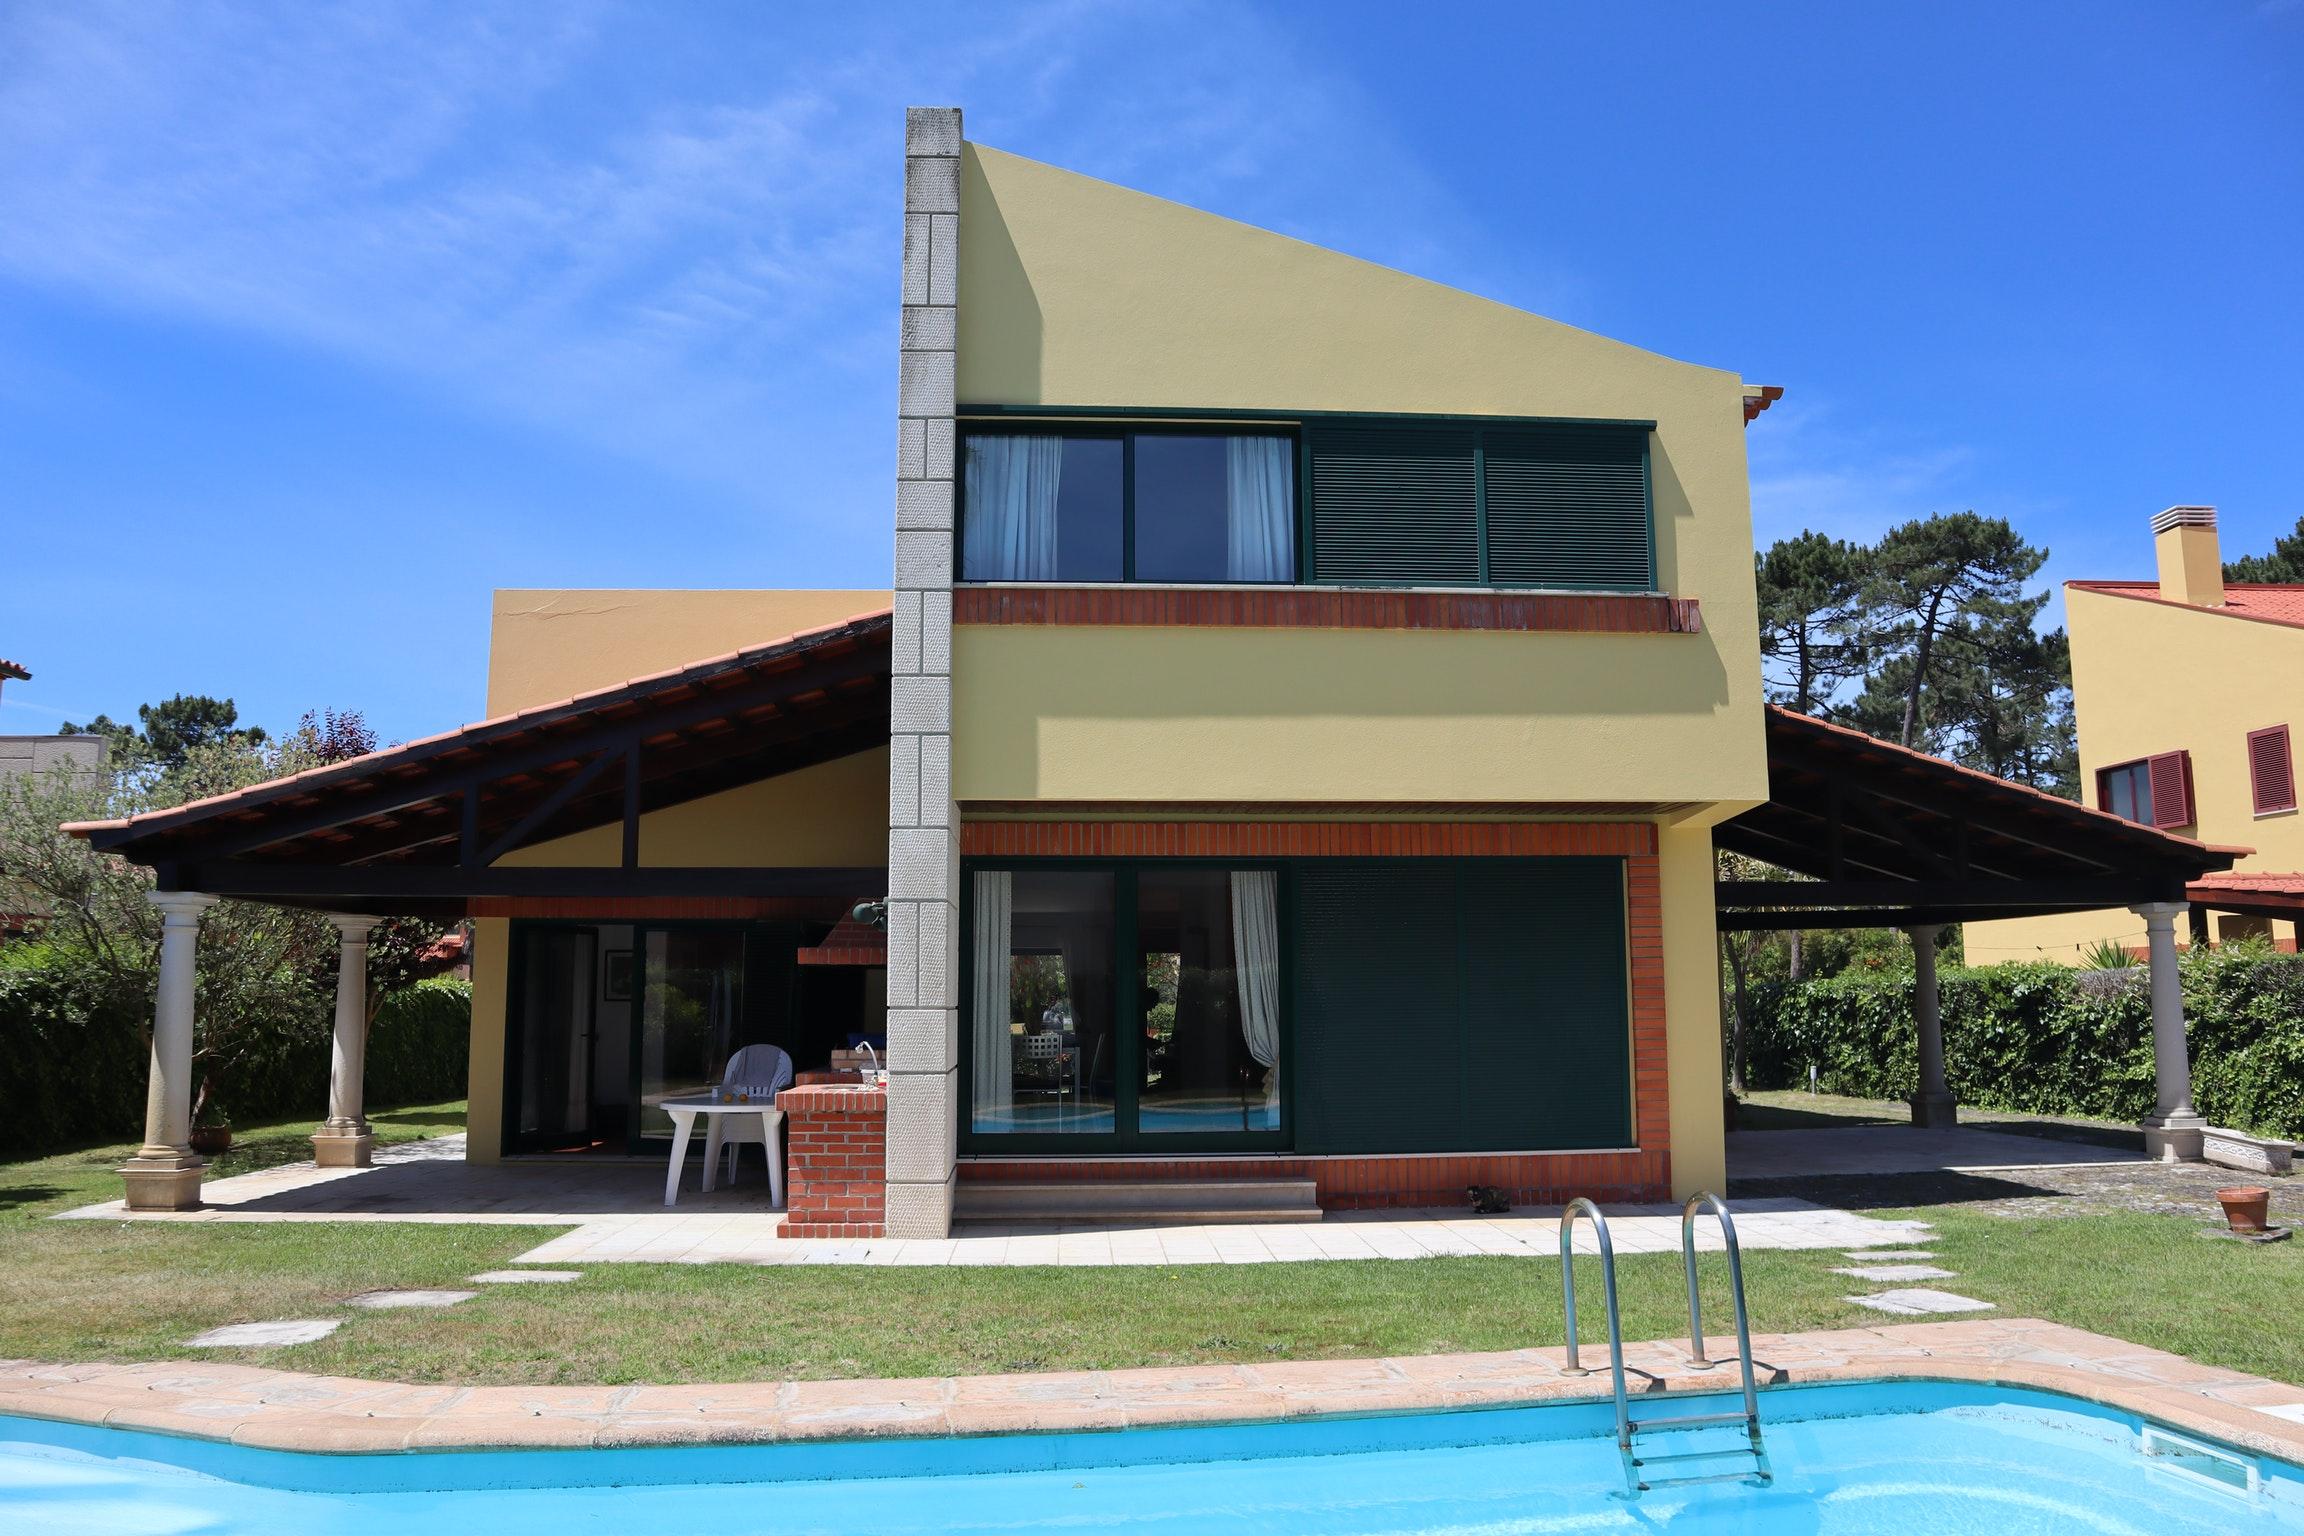 Ferienhaus Villa mit 4 Schlafzimmern in Praia de Mira mit privatem Pool, eingezäuntem Garten und W-LA (2623071), Praia de Mira, Costa de Prata, Zentral-Portugal, Portugal, Bild 1